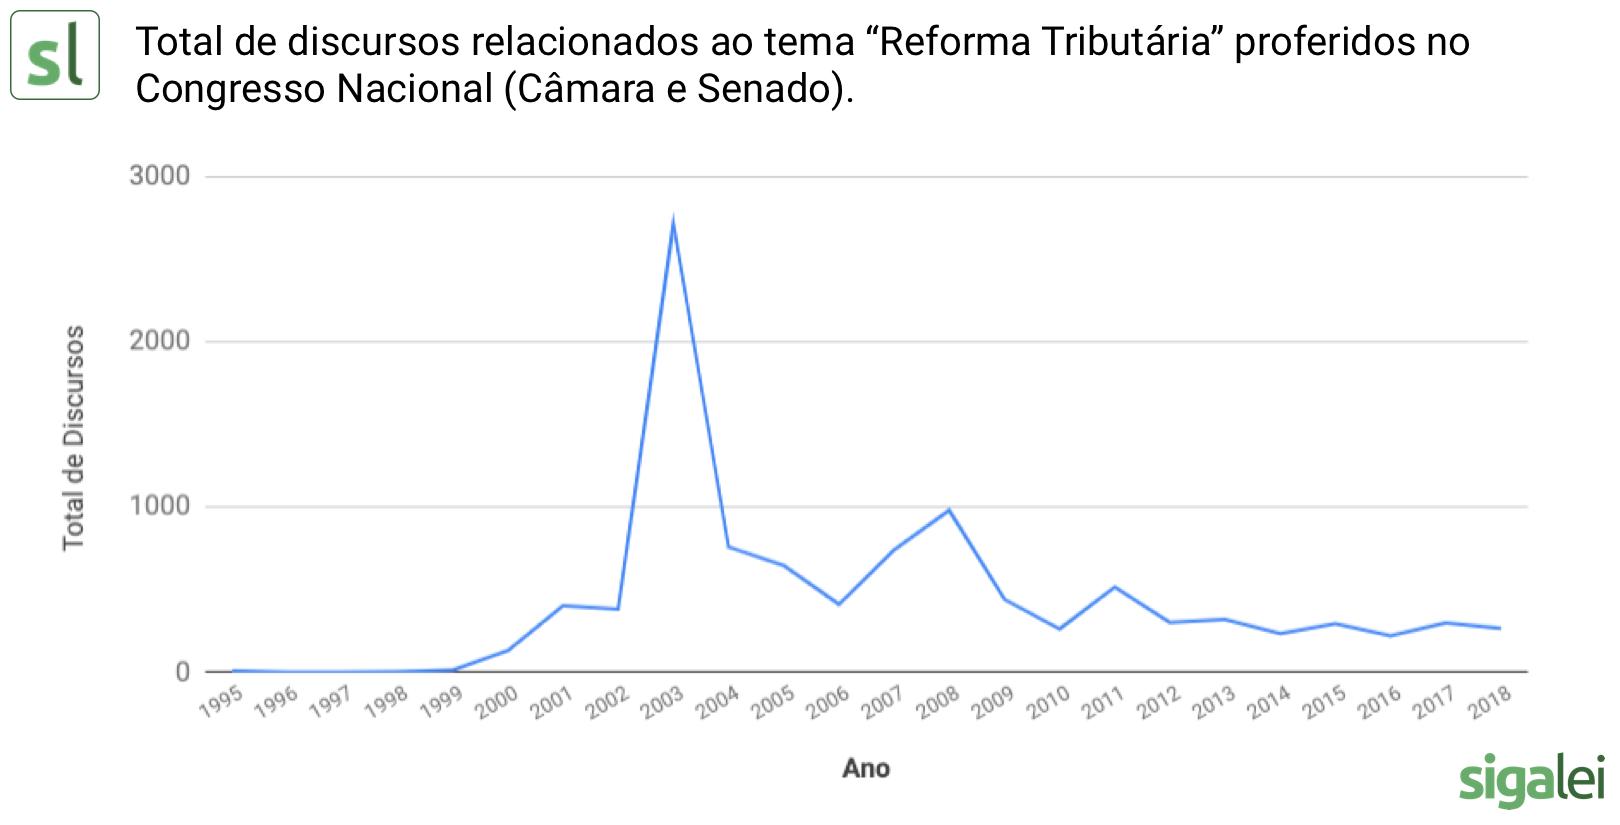 O gráfico mostra o número de discursos dos parlamentares federais ao longo dos anos, com destaque para 2003.